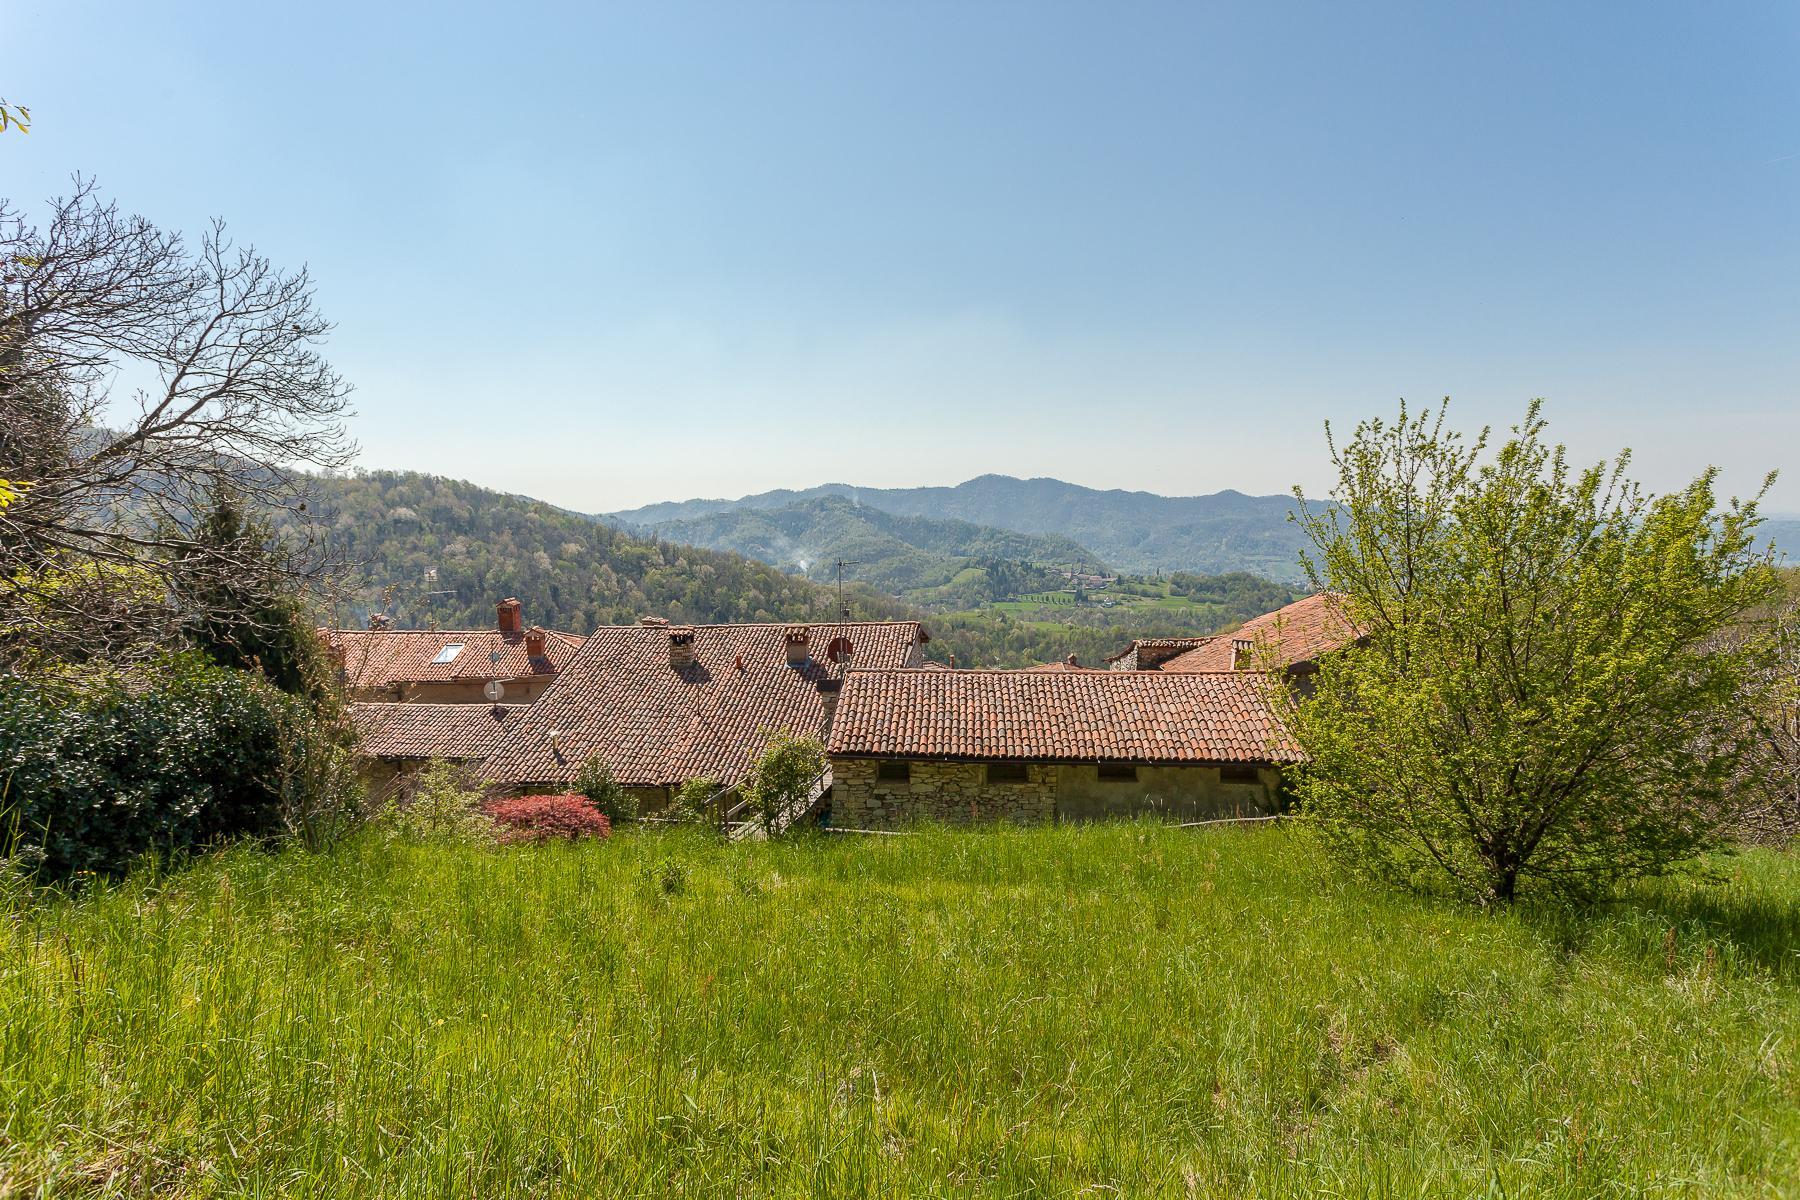 坐落在山坡之上安静村庄内的石头房屋 - 15